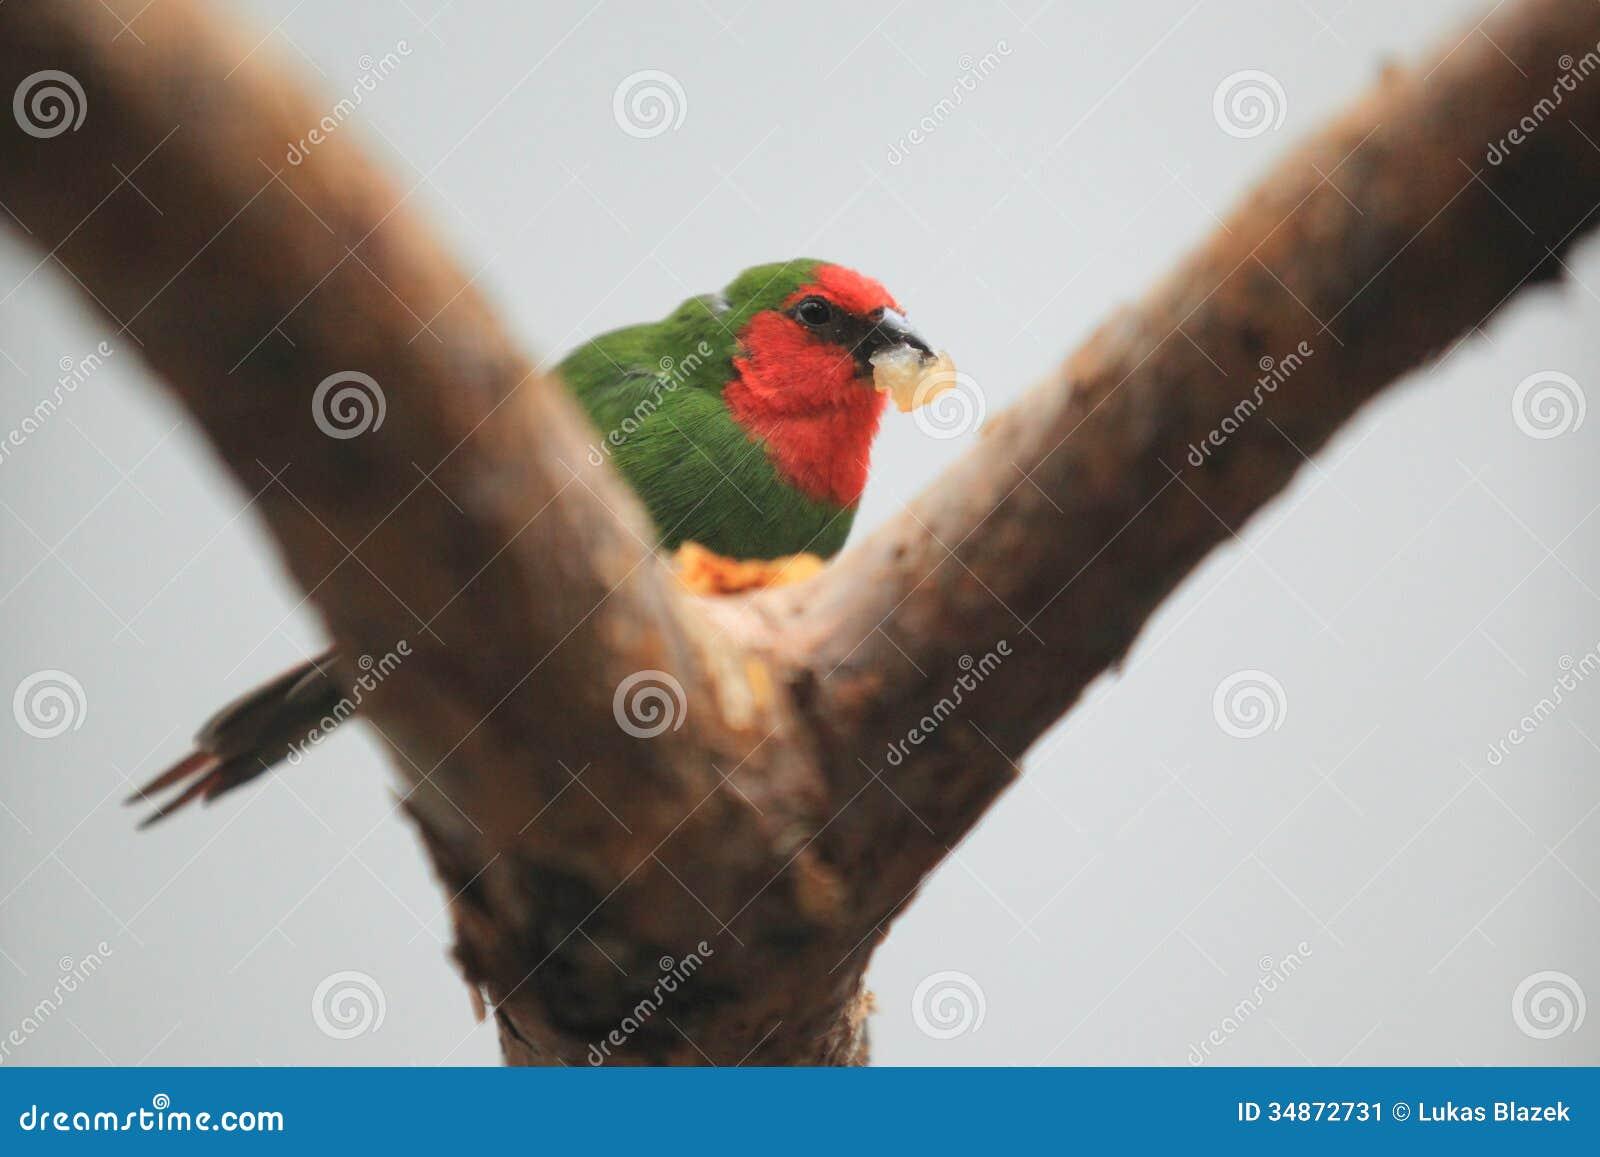 Stawiający czoło papuzi finch